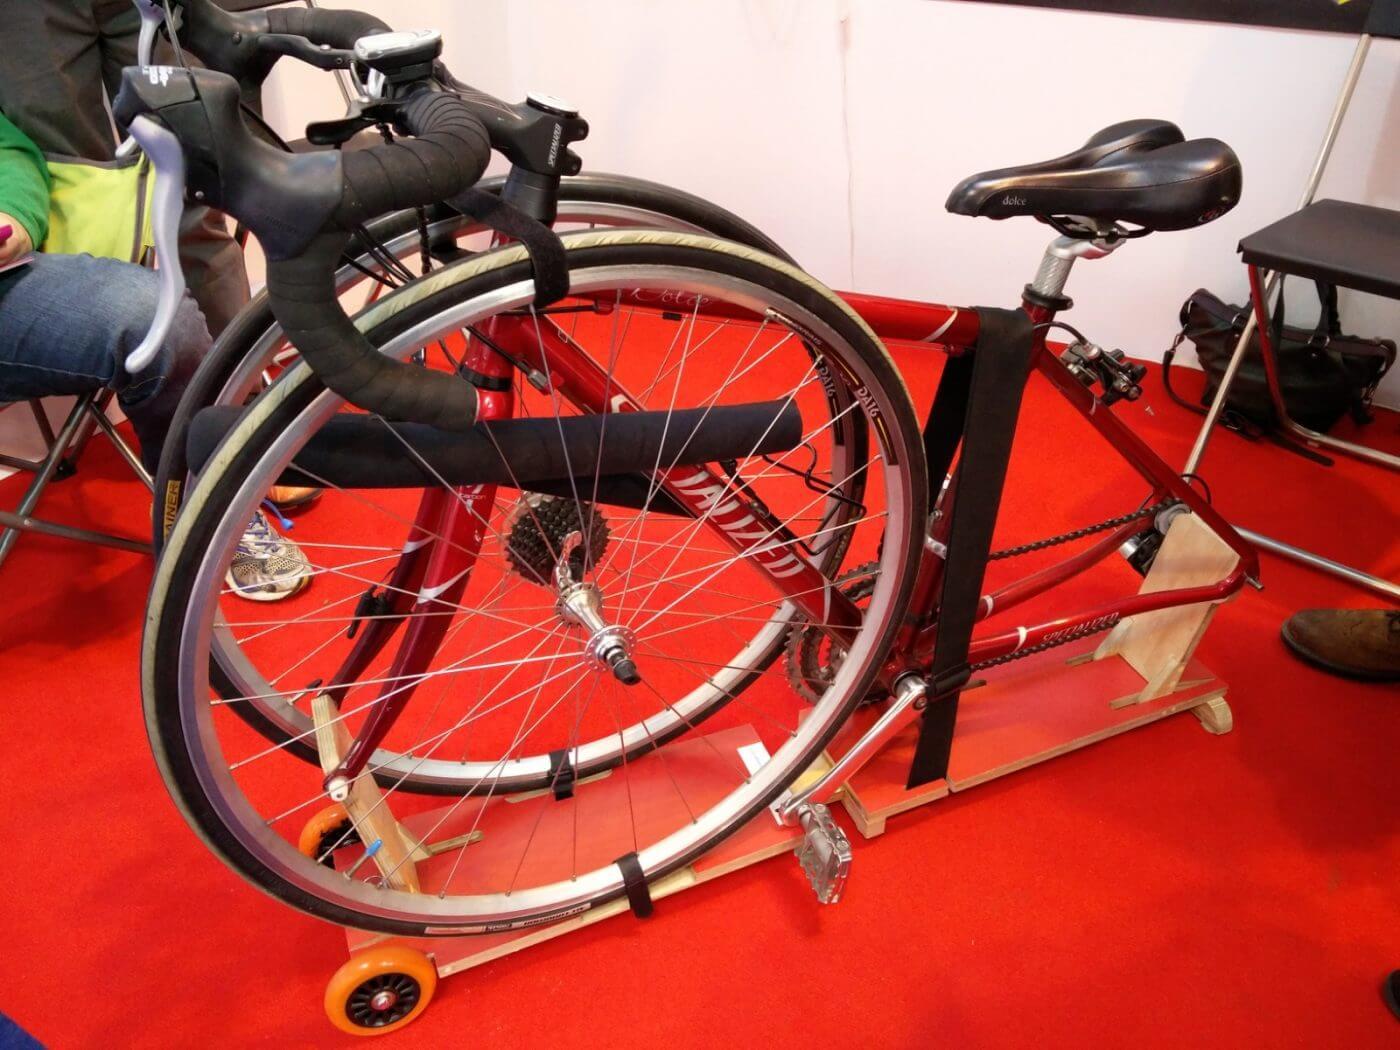 BikeDeck